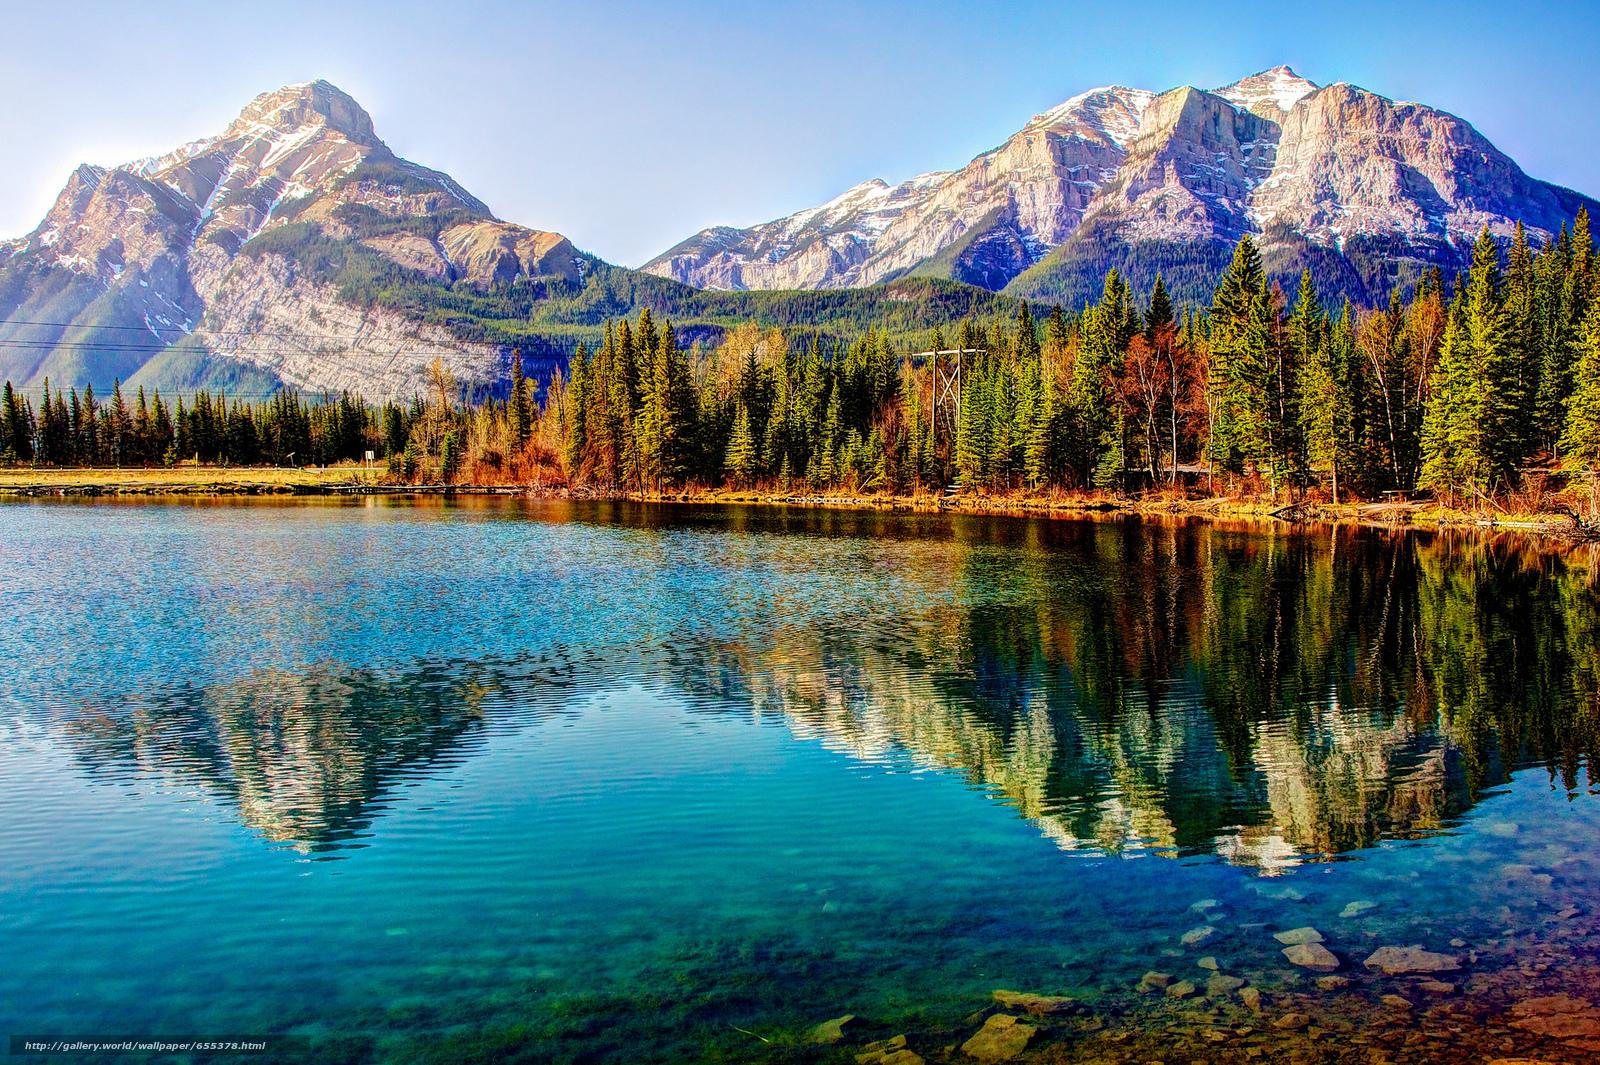 Скачать обои озеро,  горы,  деревья,  пейзаж бесплатно для рабочего стола в разрешении 2048x1363 — картинка №655378